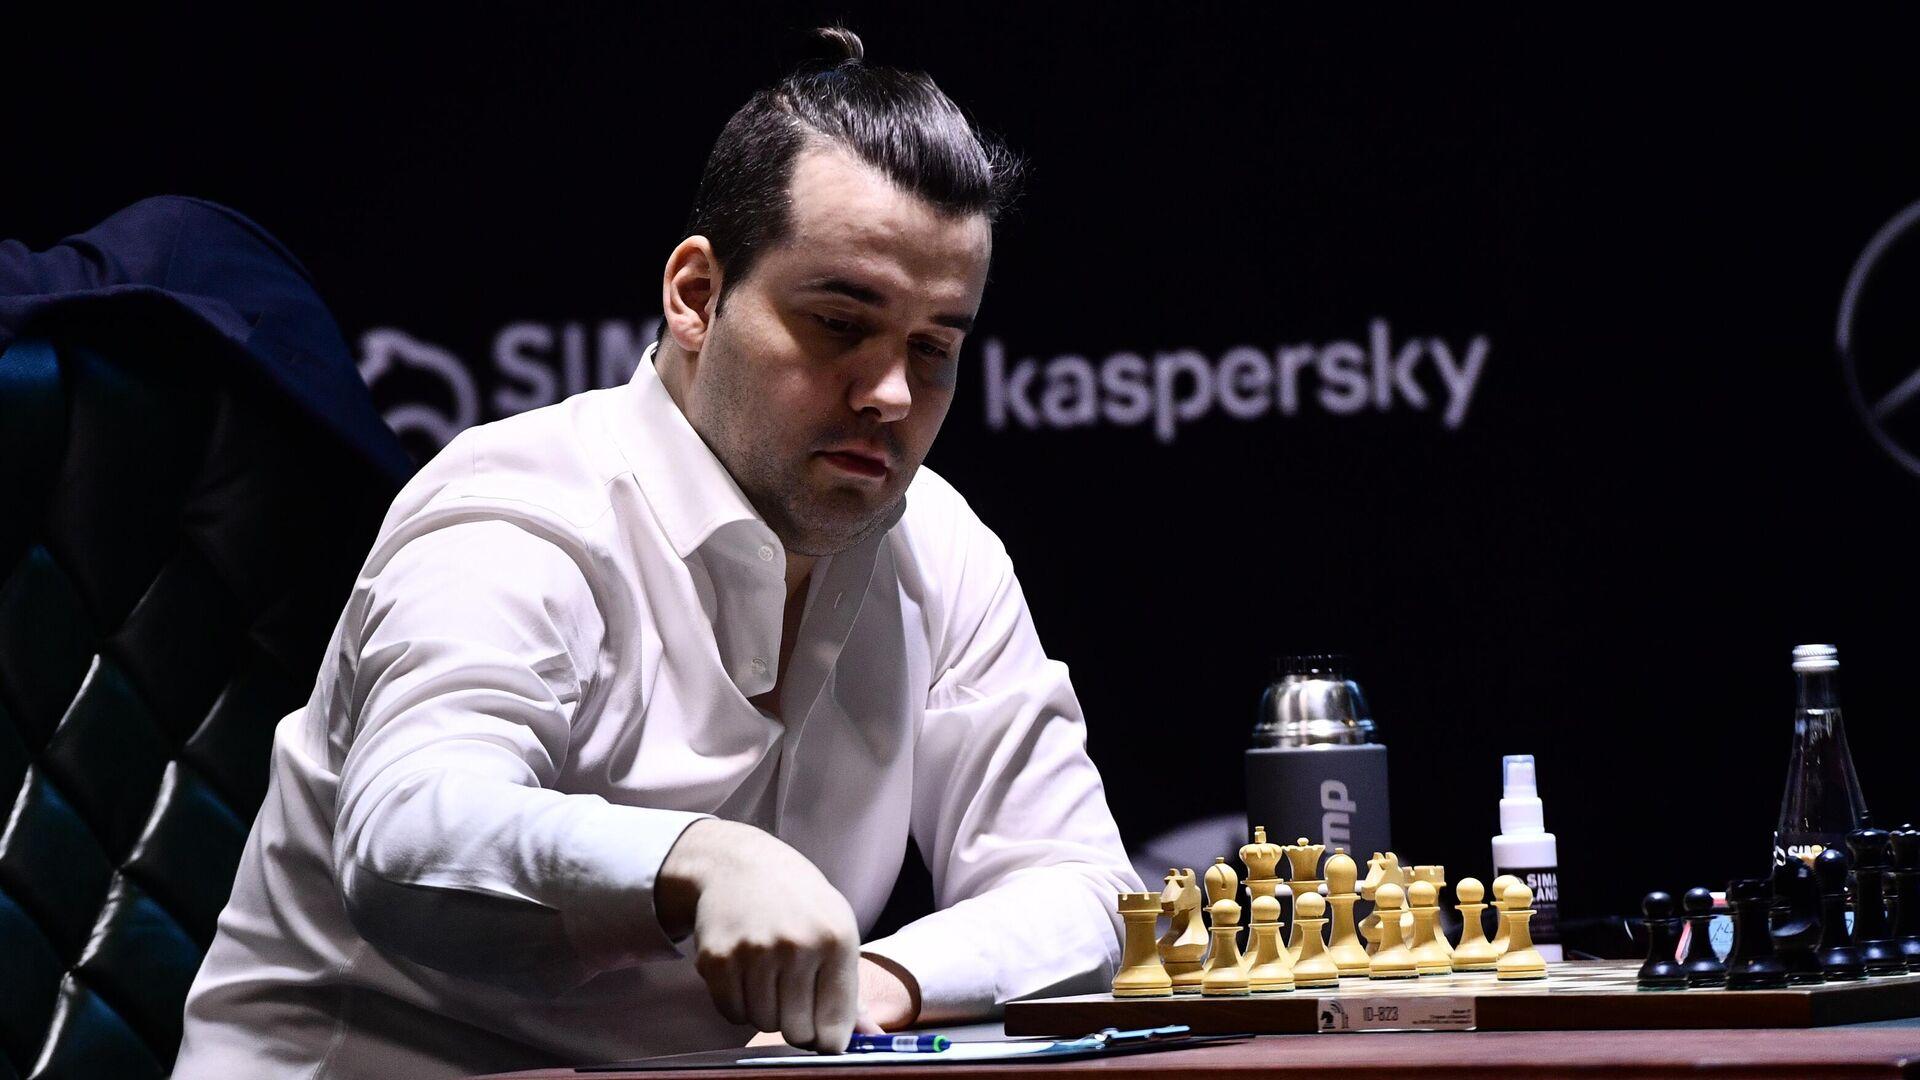 Шахматист Ян Непомнящий (Россия) - РИА Новости, 1920, 26.04.2021